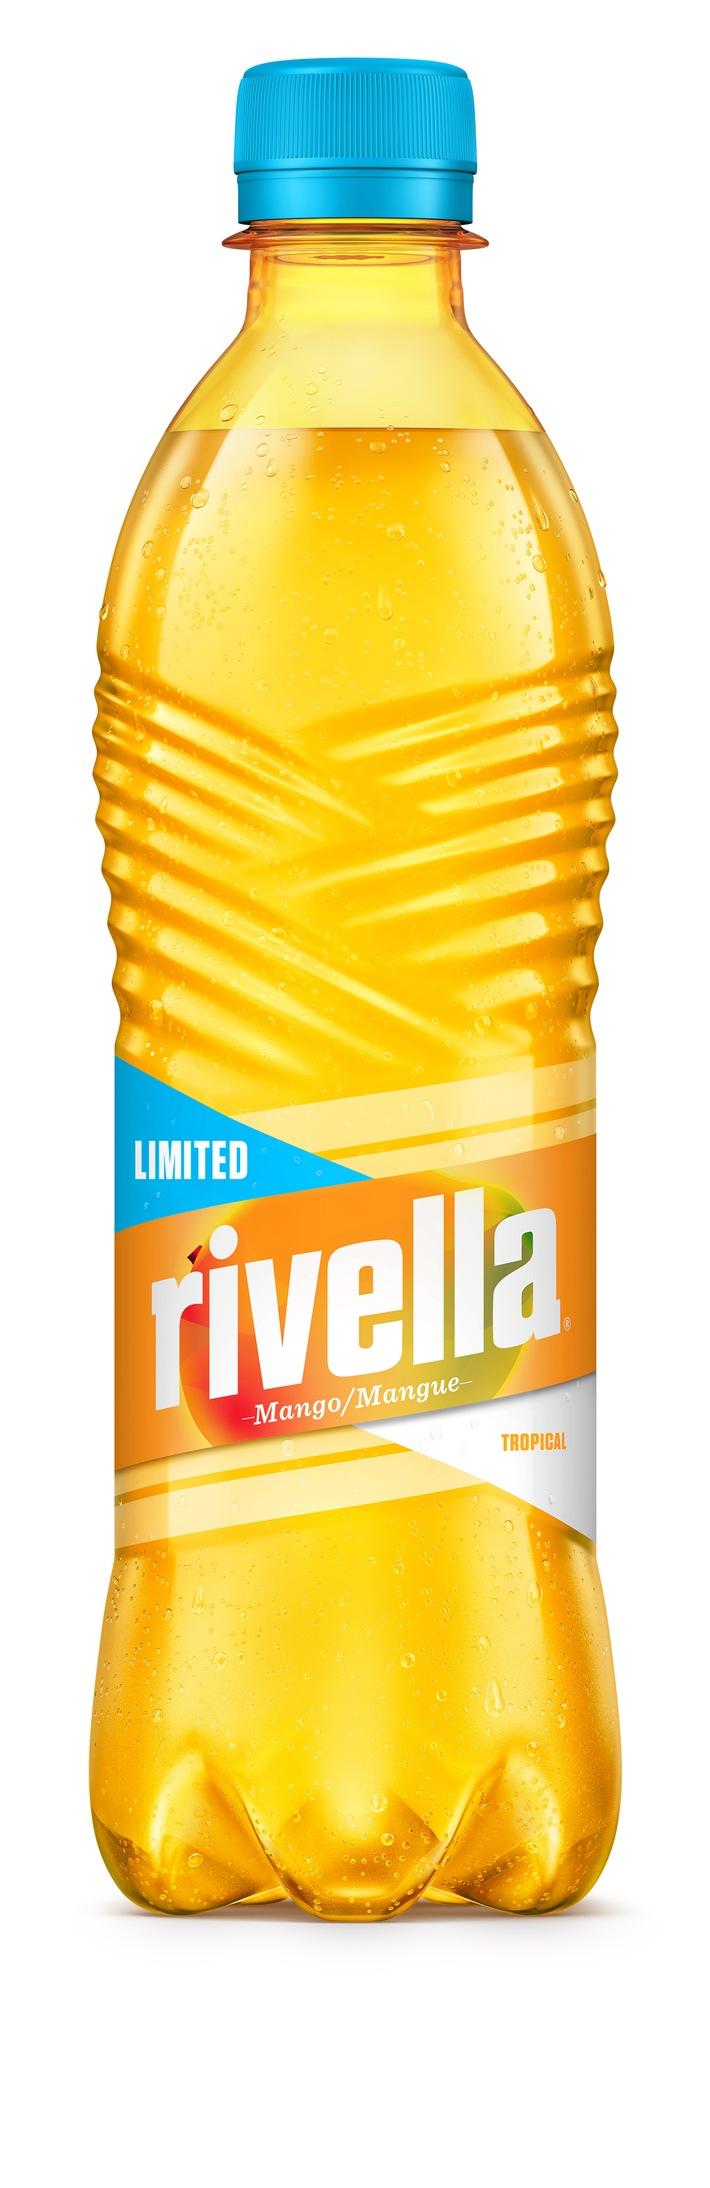 Rivella Mango - der neue Sommergeschmack